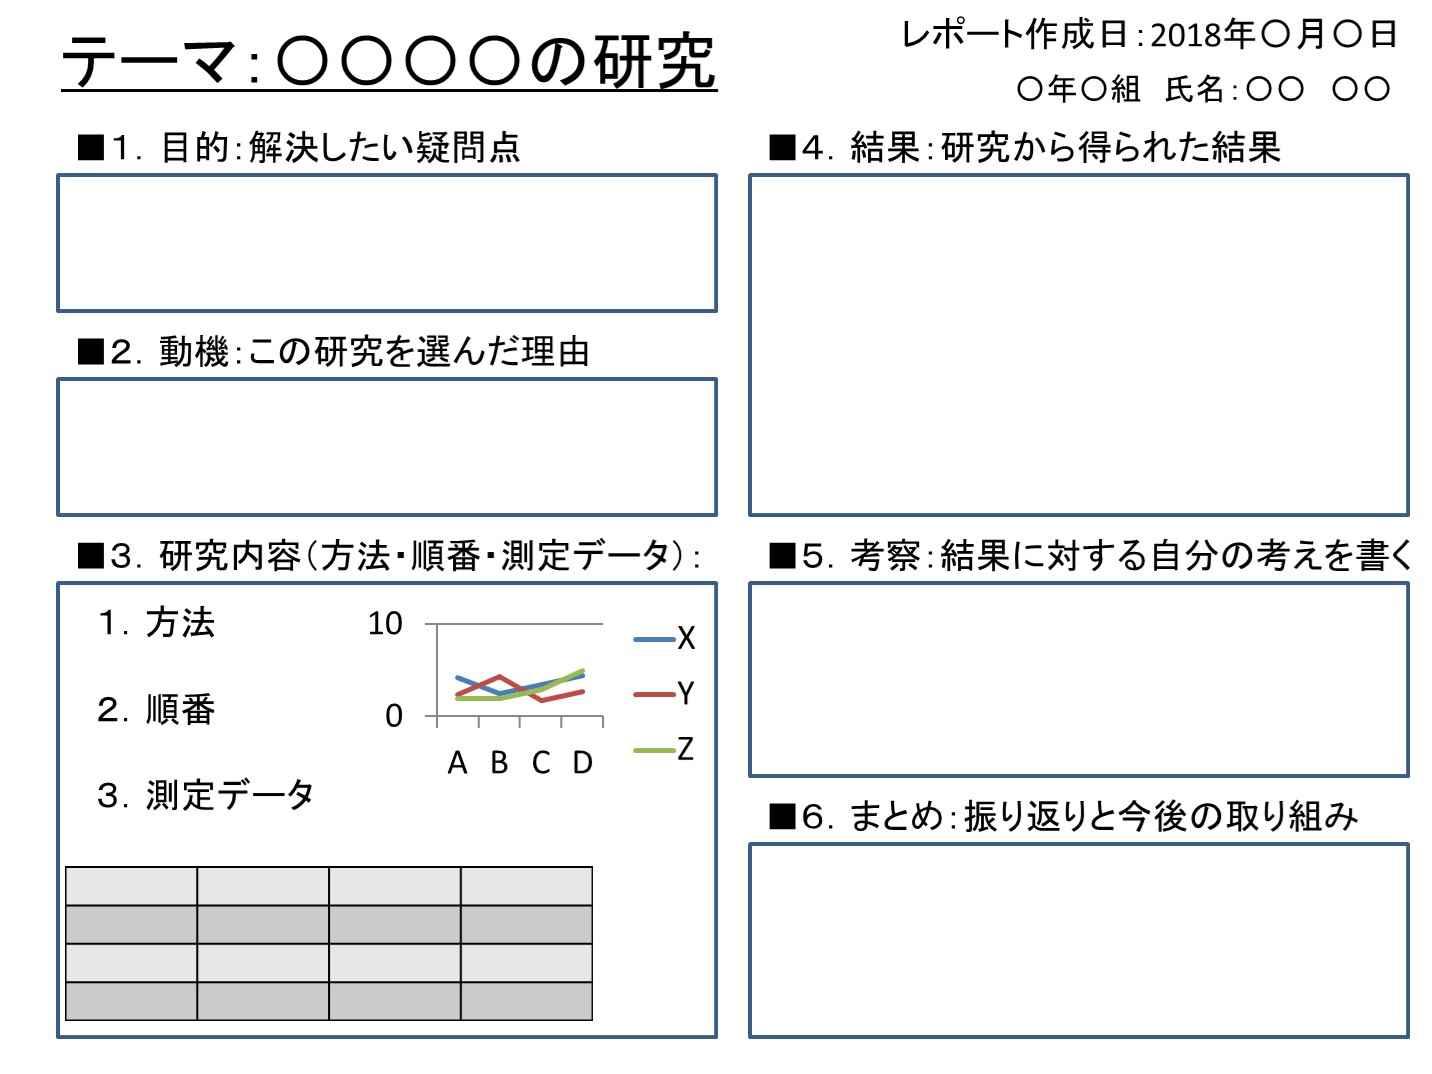 レポート用紙 自由研究